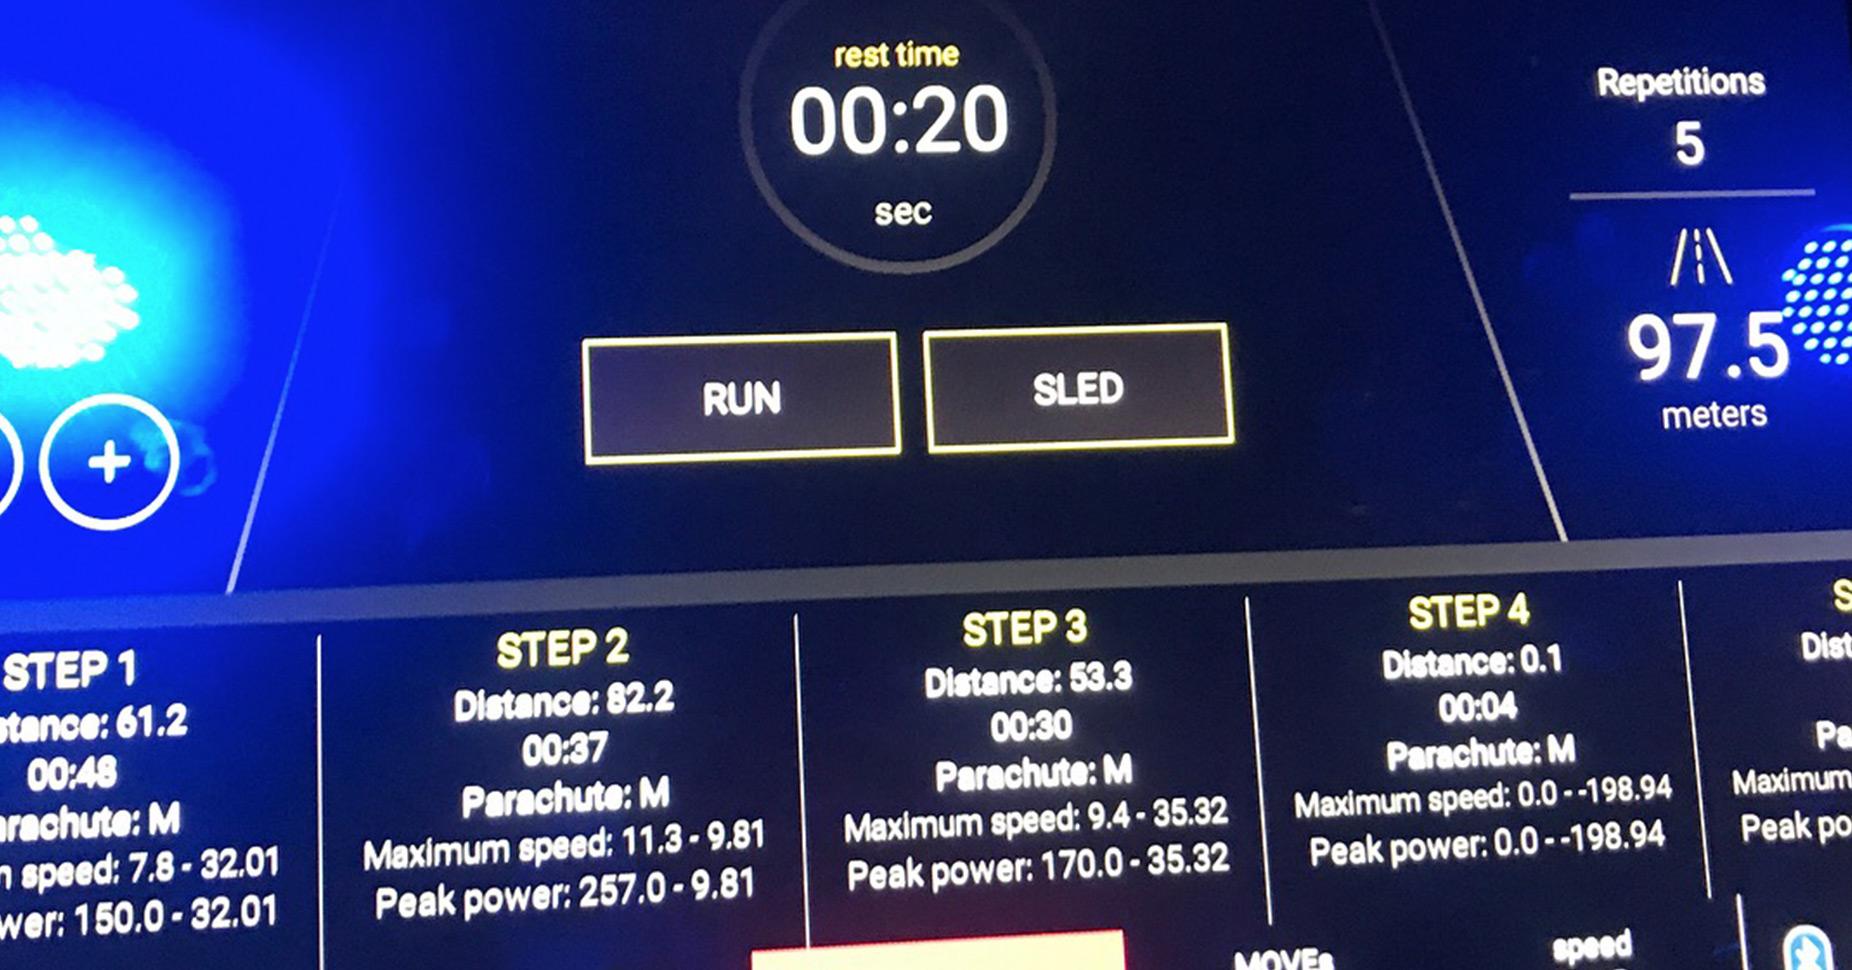 Sweat It Technogym